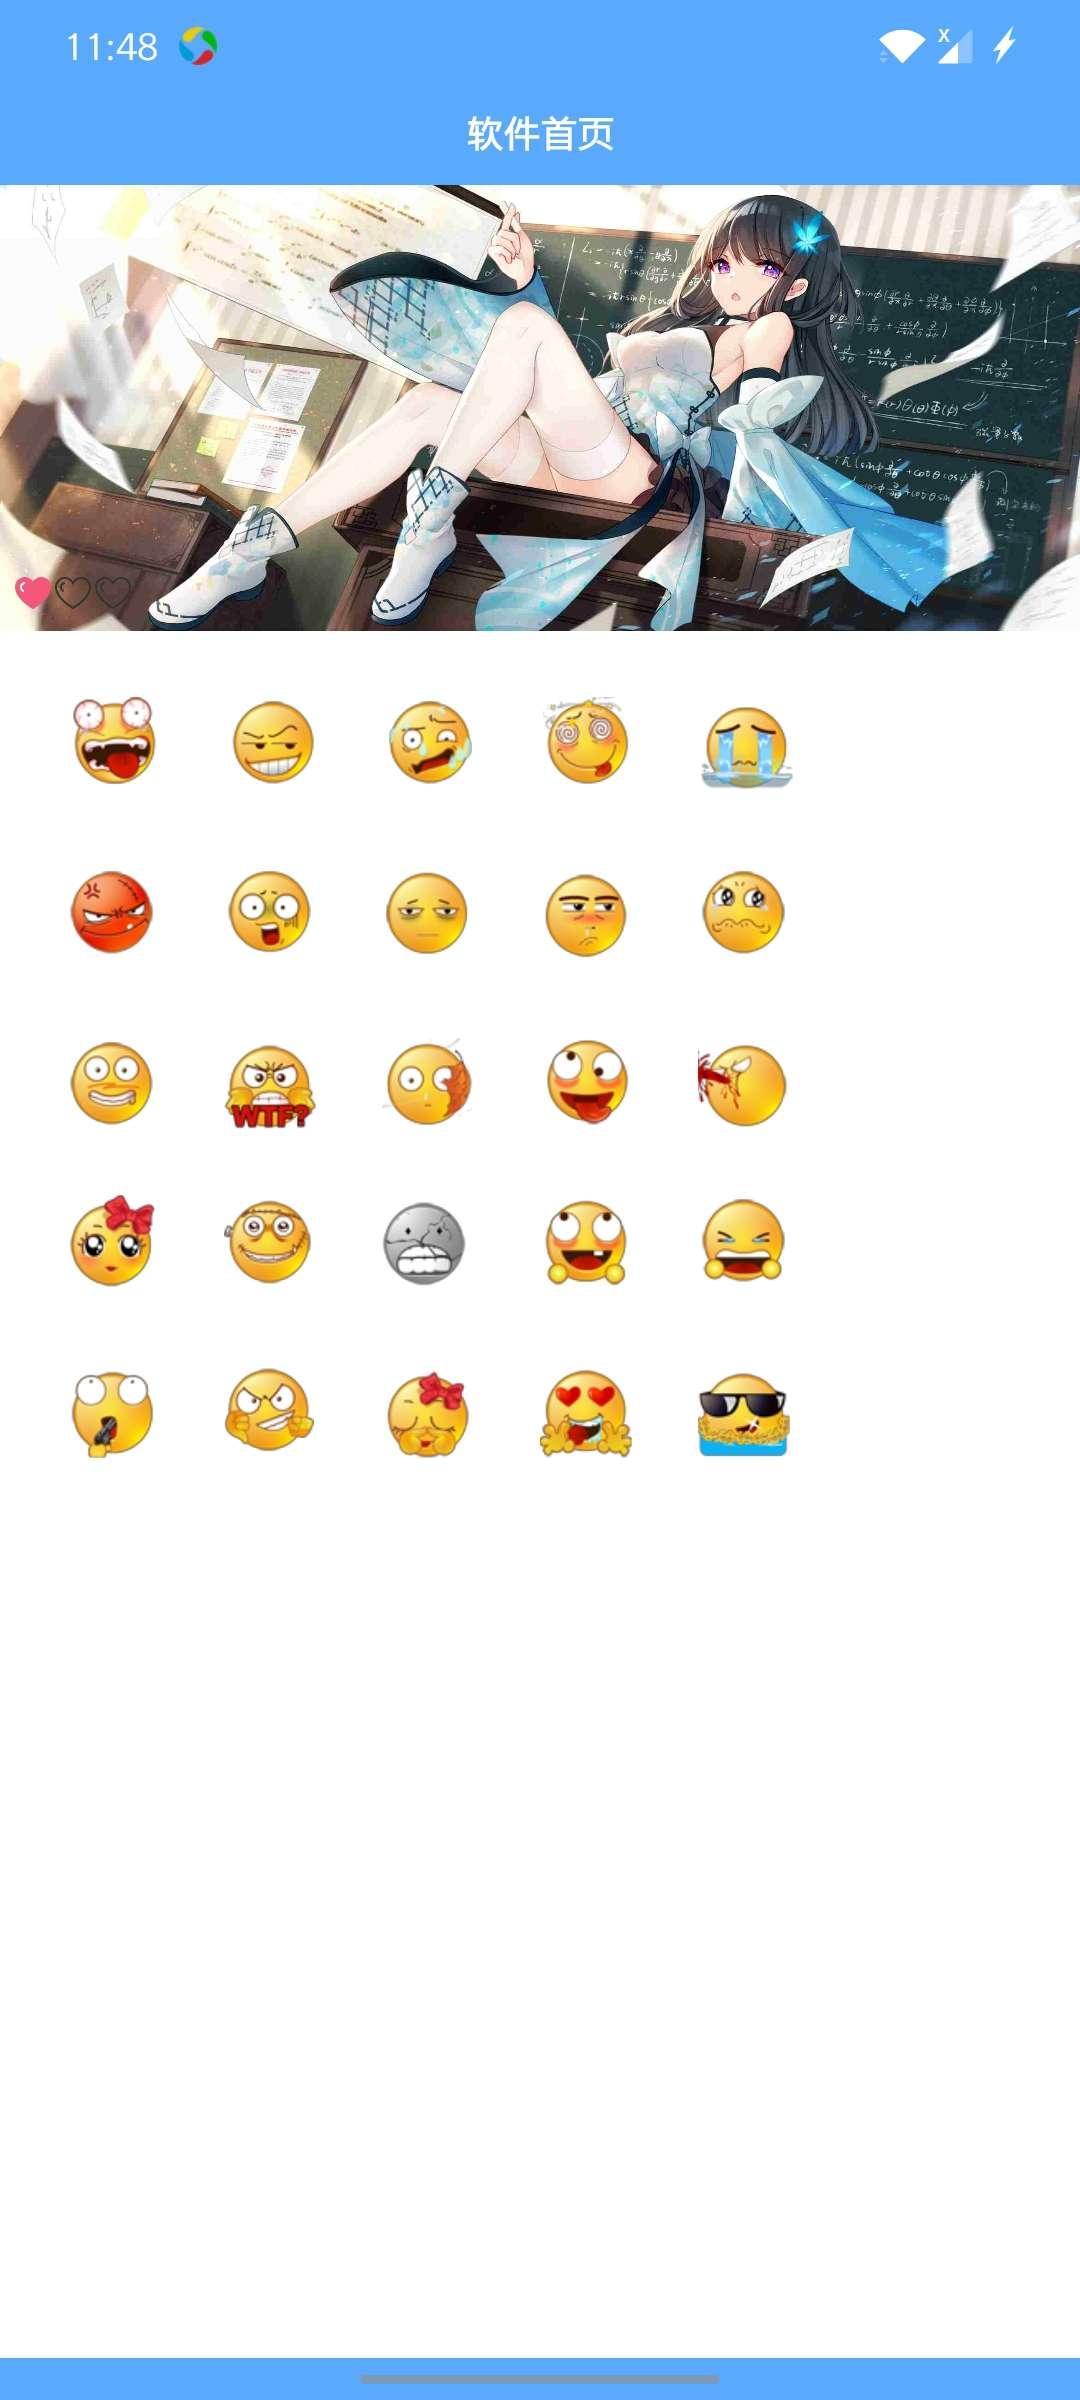 线报-「分享」QQ绝版表情v1.0*QQ之前绝版的表情里面都有-惠小助(52huixz.com)